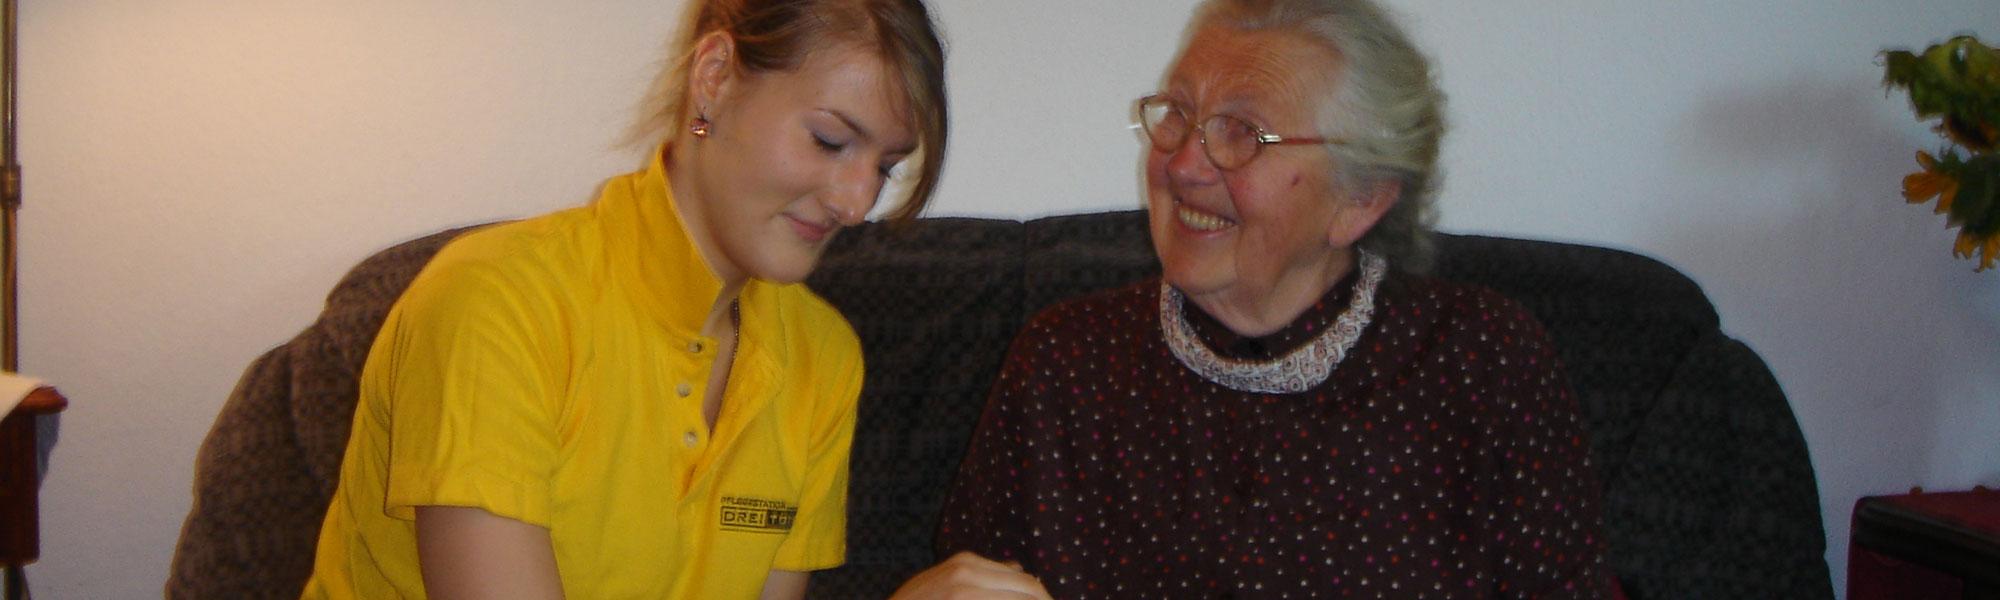 Pflegedienst Drei Töchter Startseitenbanner 3